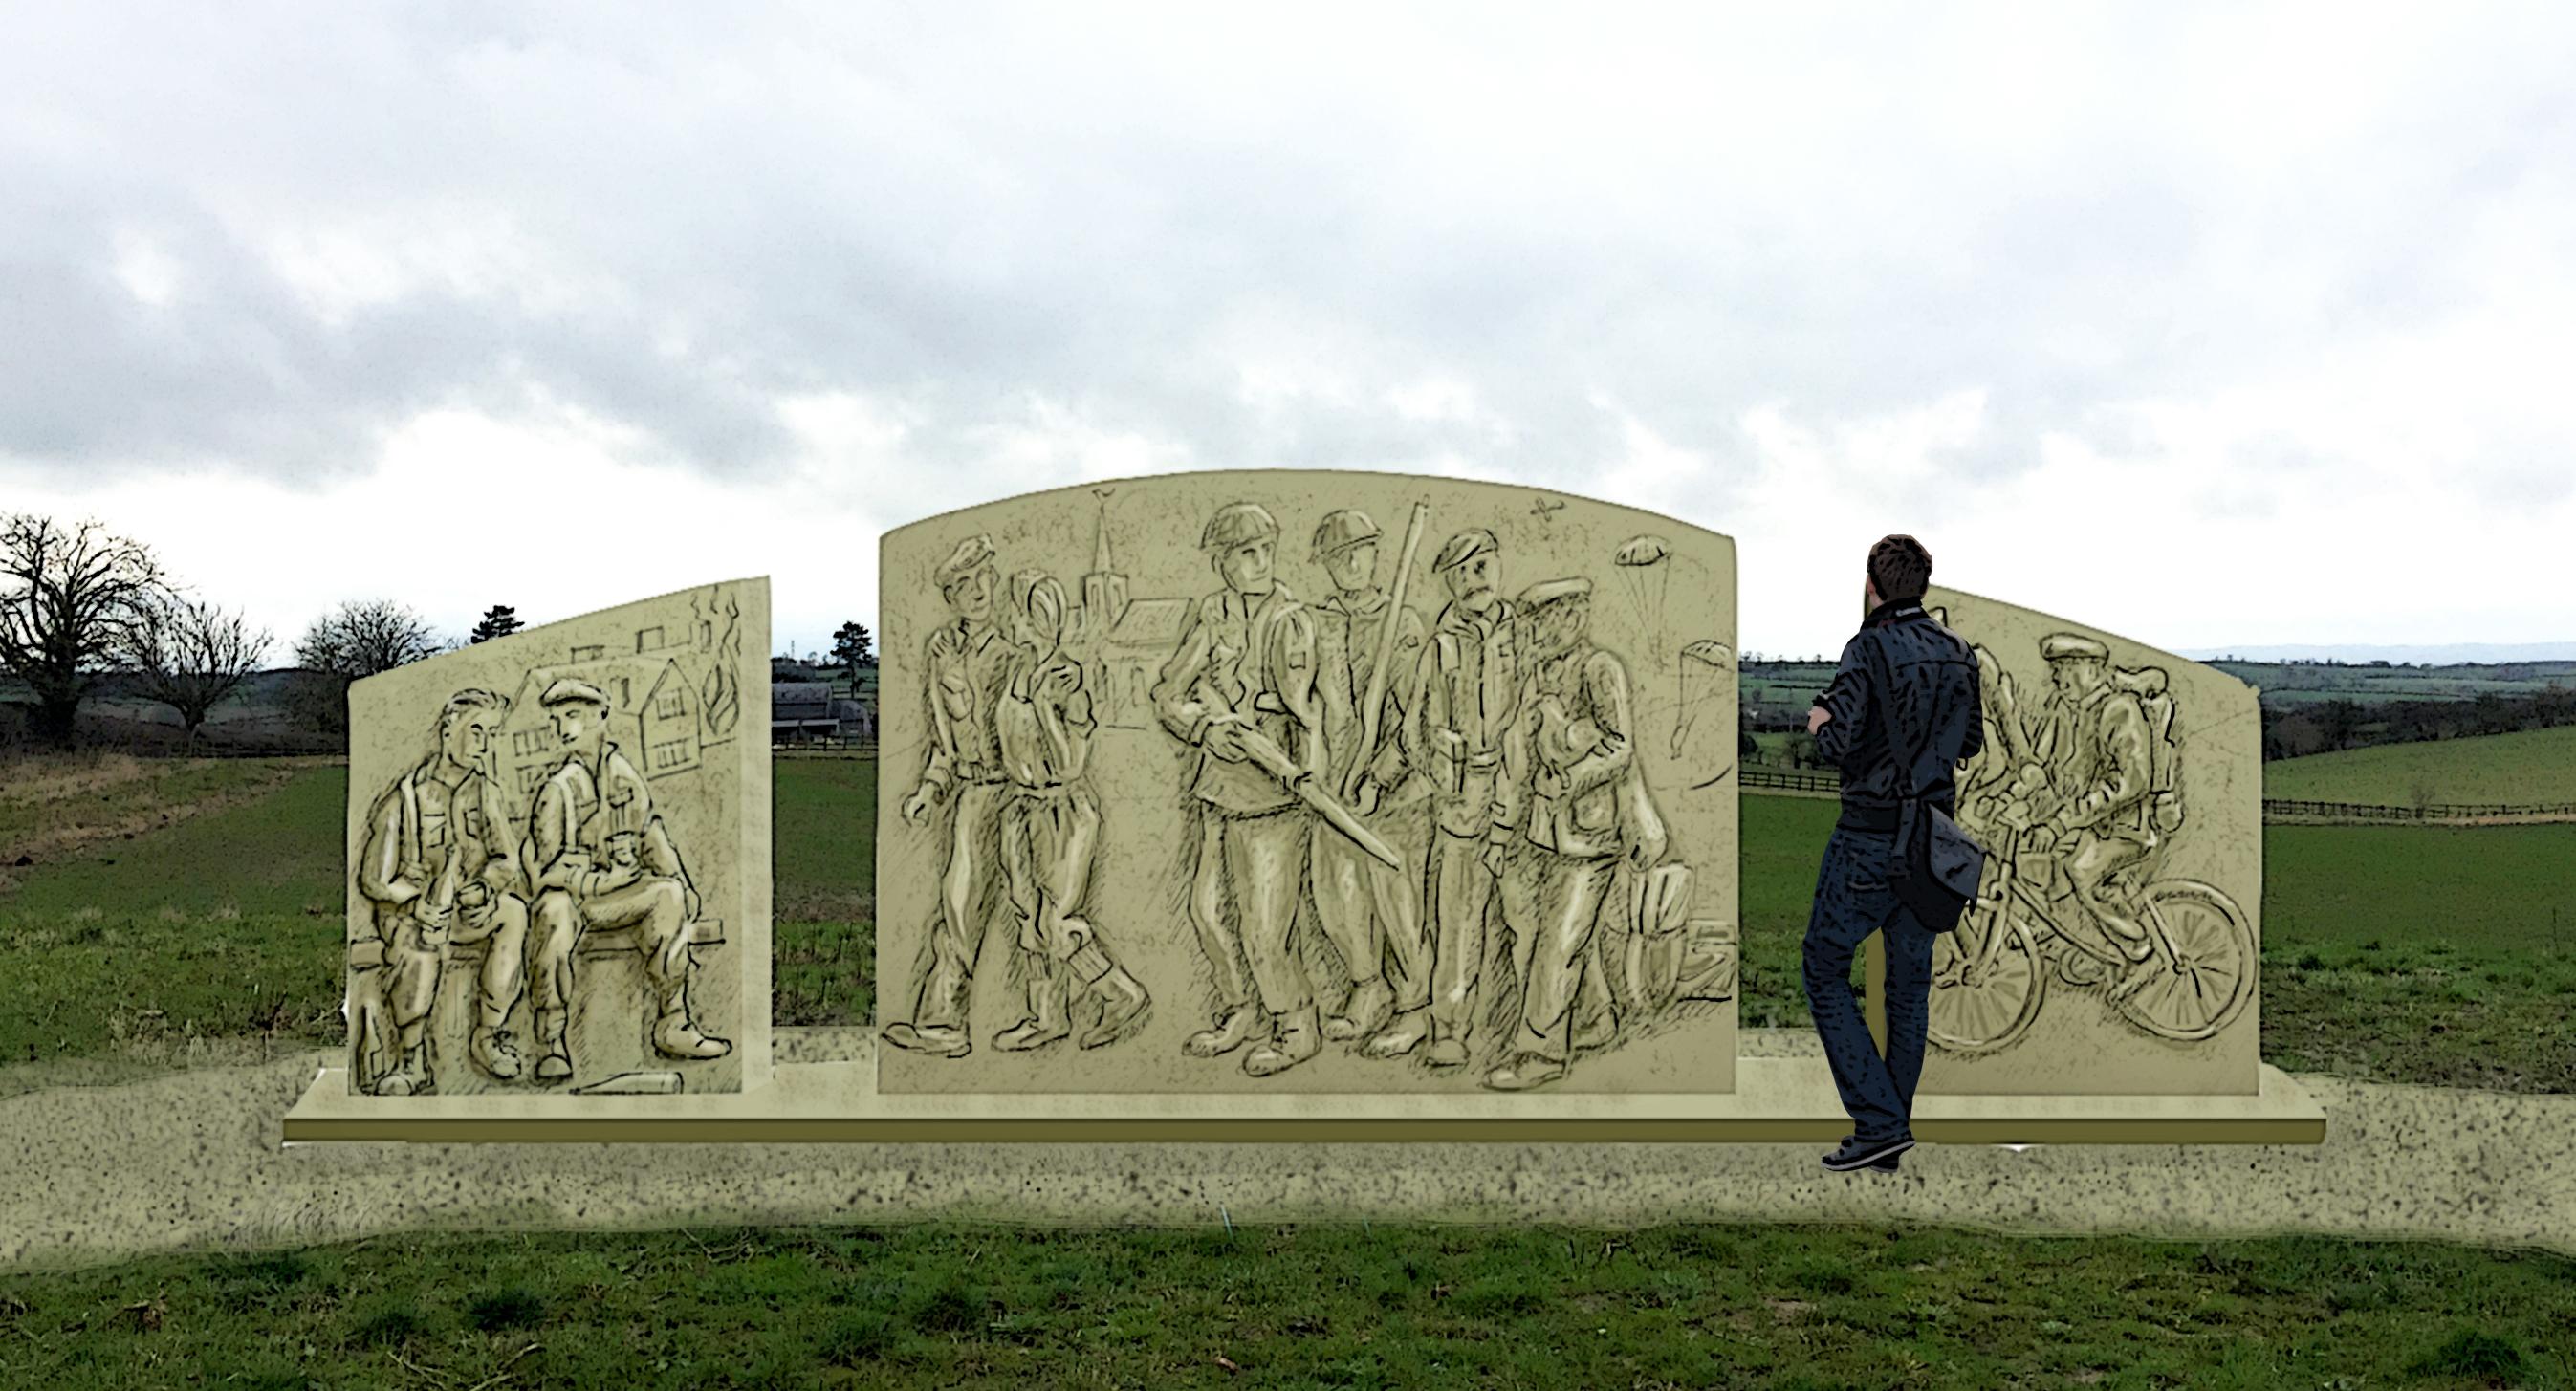 NEWS - Graeme Mitcheson Stone Sculptor